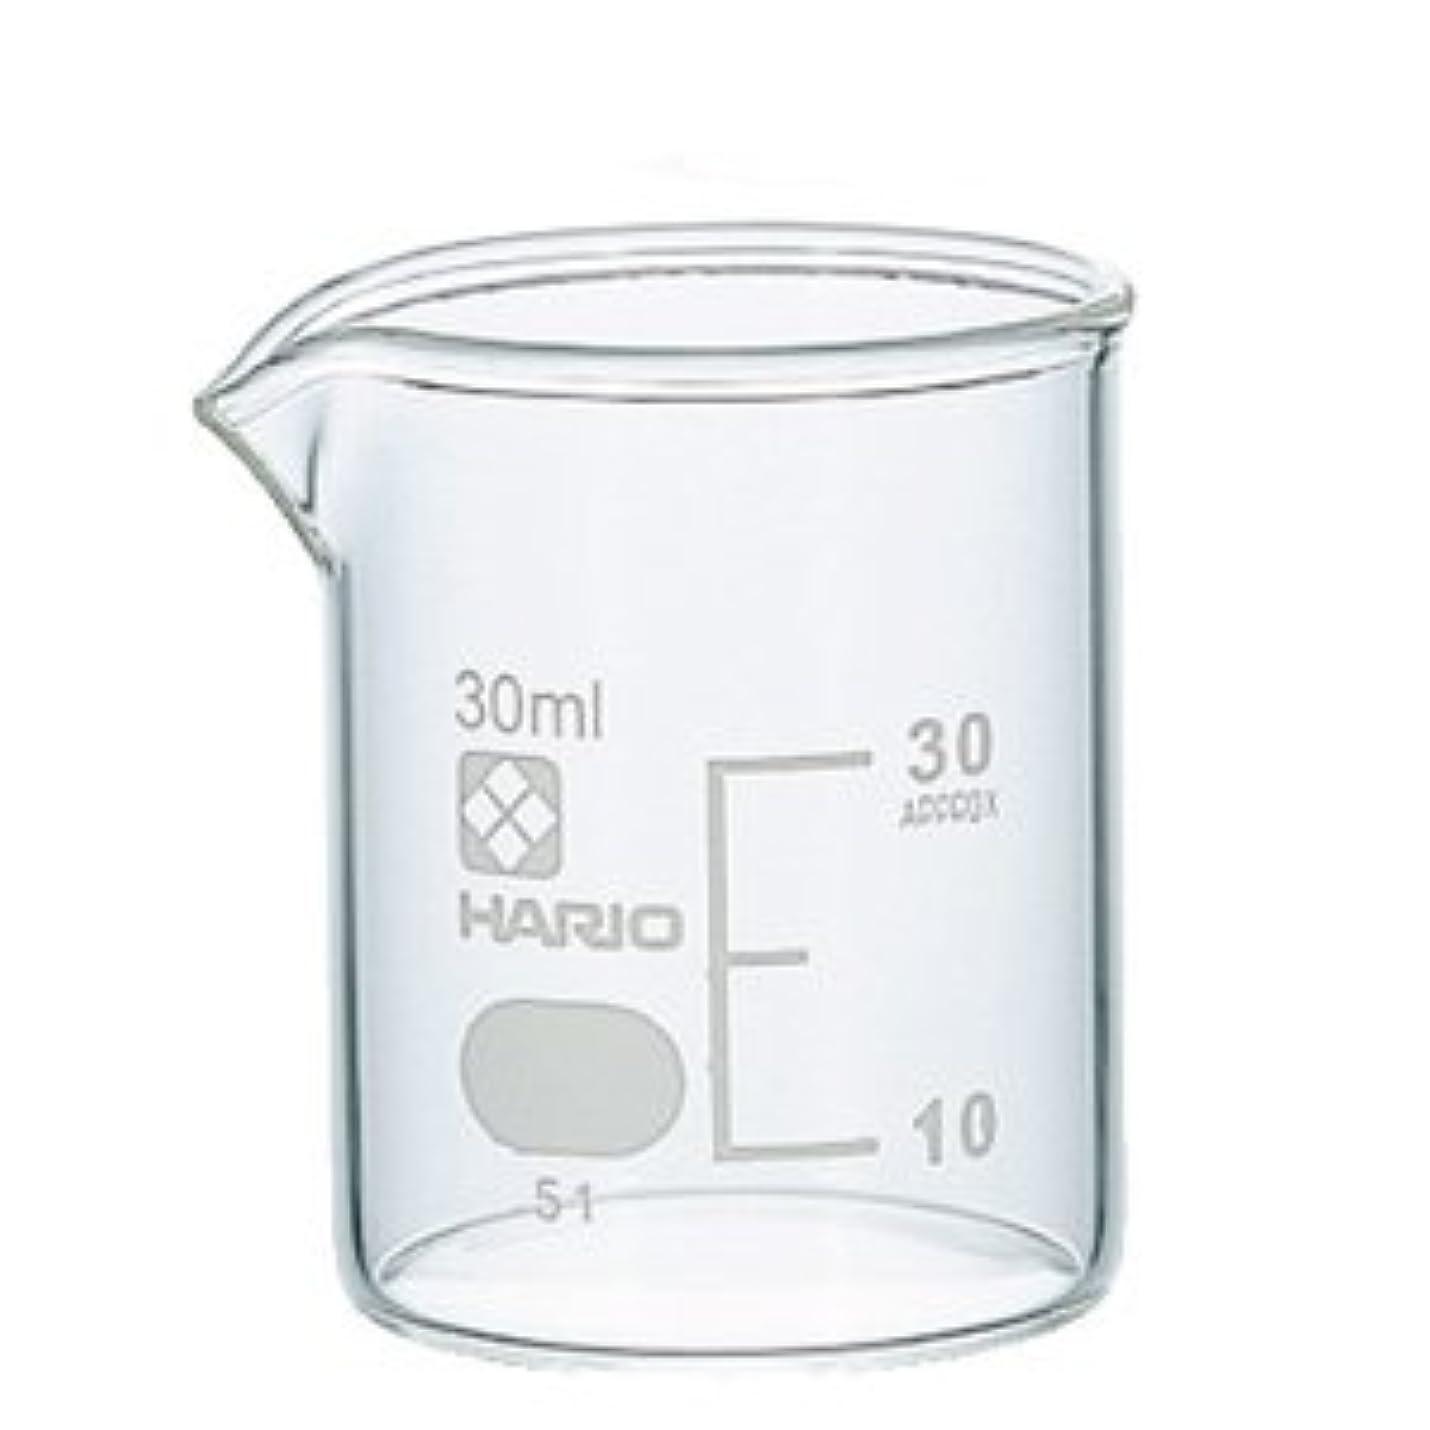 交換人生を作る異常なガラスビーカー 30ml 【手作り石鹸/手作りコスメ/手作り化粧品】